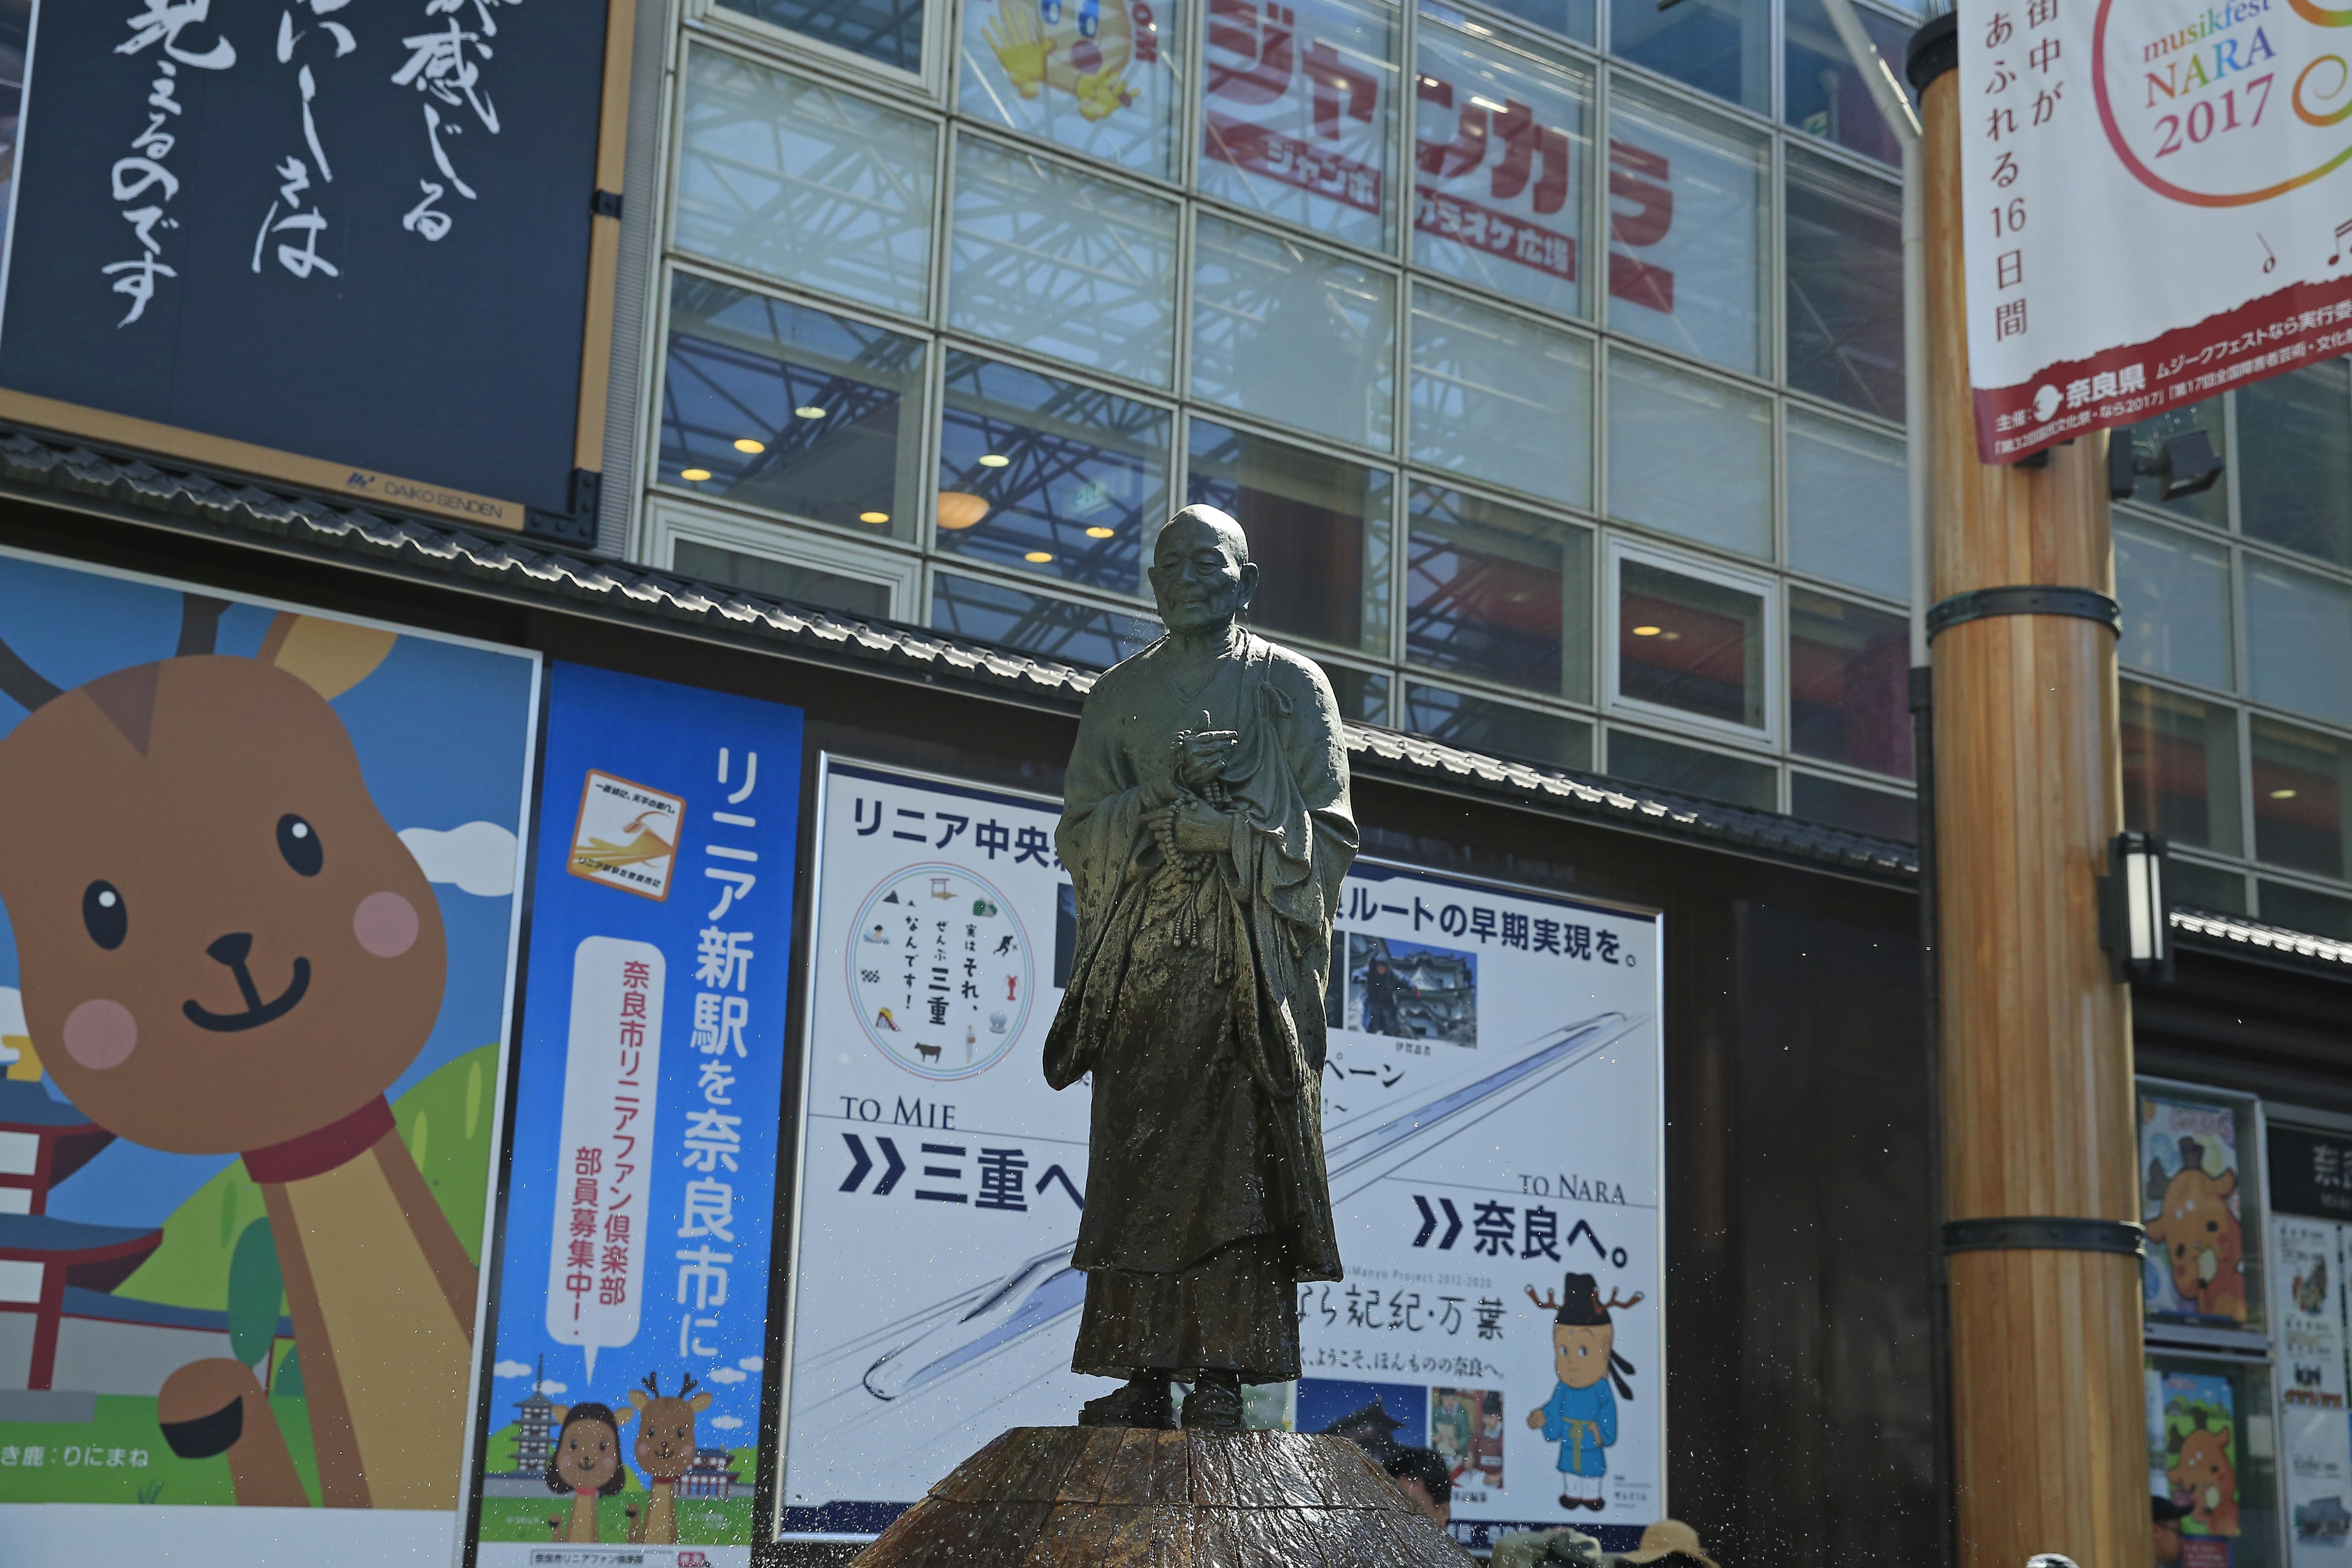 近鉄奈良駅を降りて東口に出ると、噴水の上に東大寺を見つめる行基像があります。